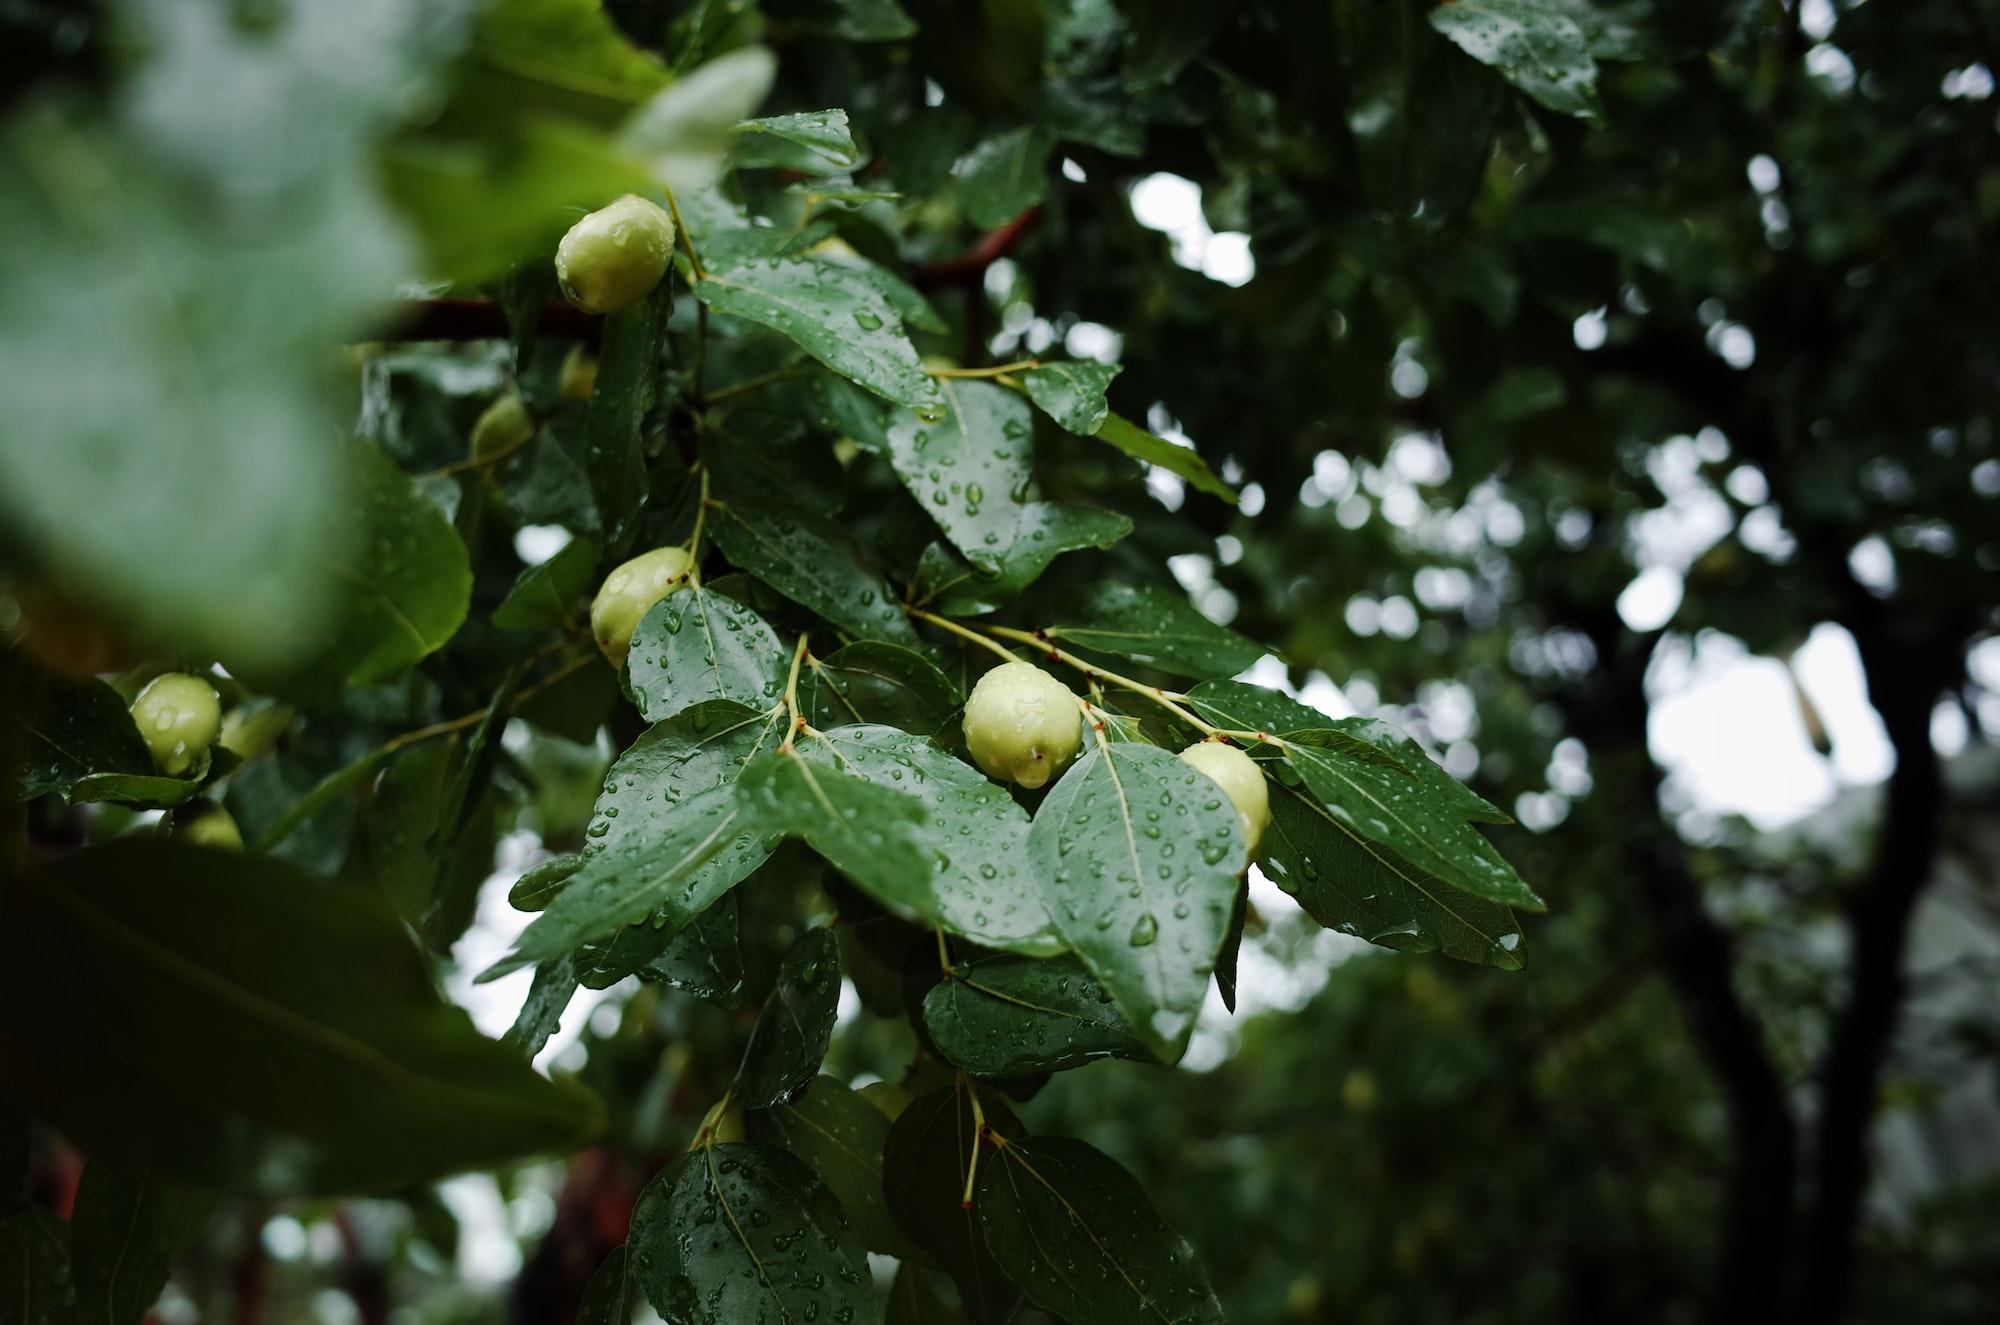 A jujube tree in rainy day